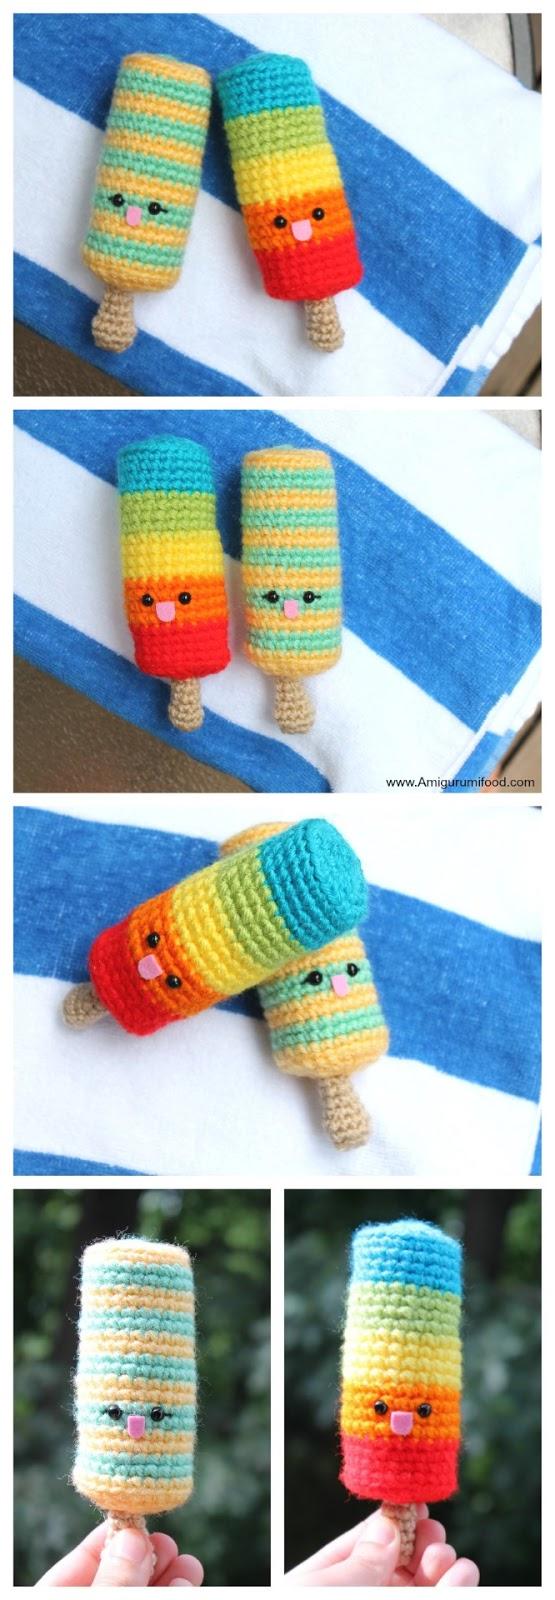 Amigurumi Food: Popsicle Love Free Crochet Pattern Amigurumi Food